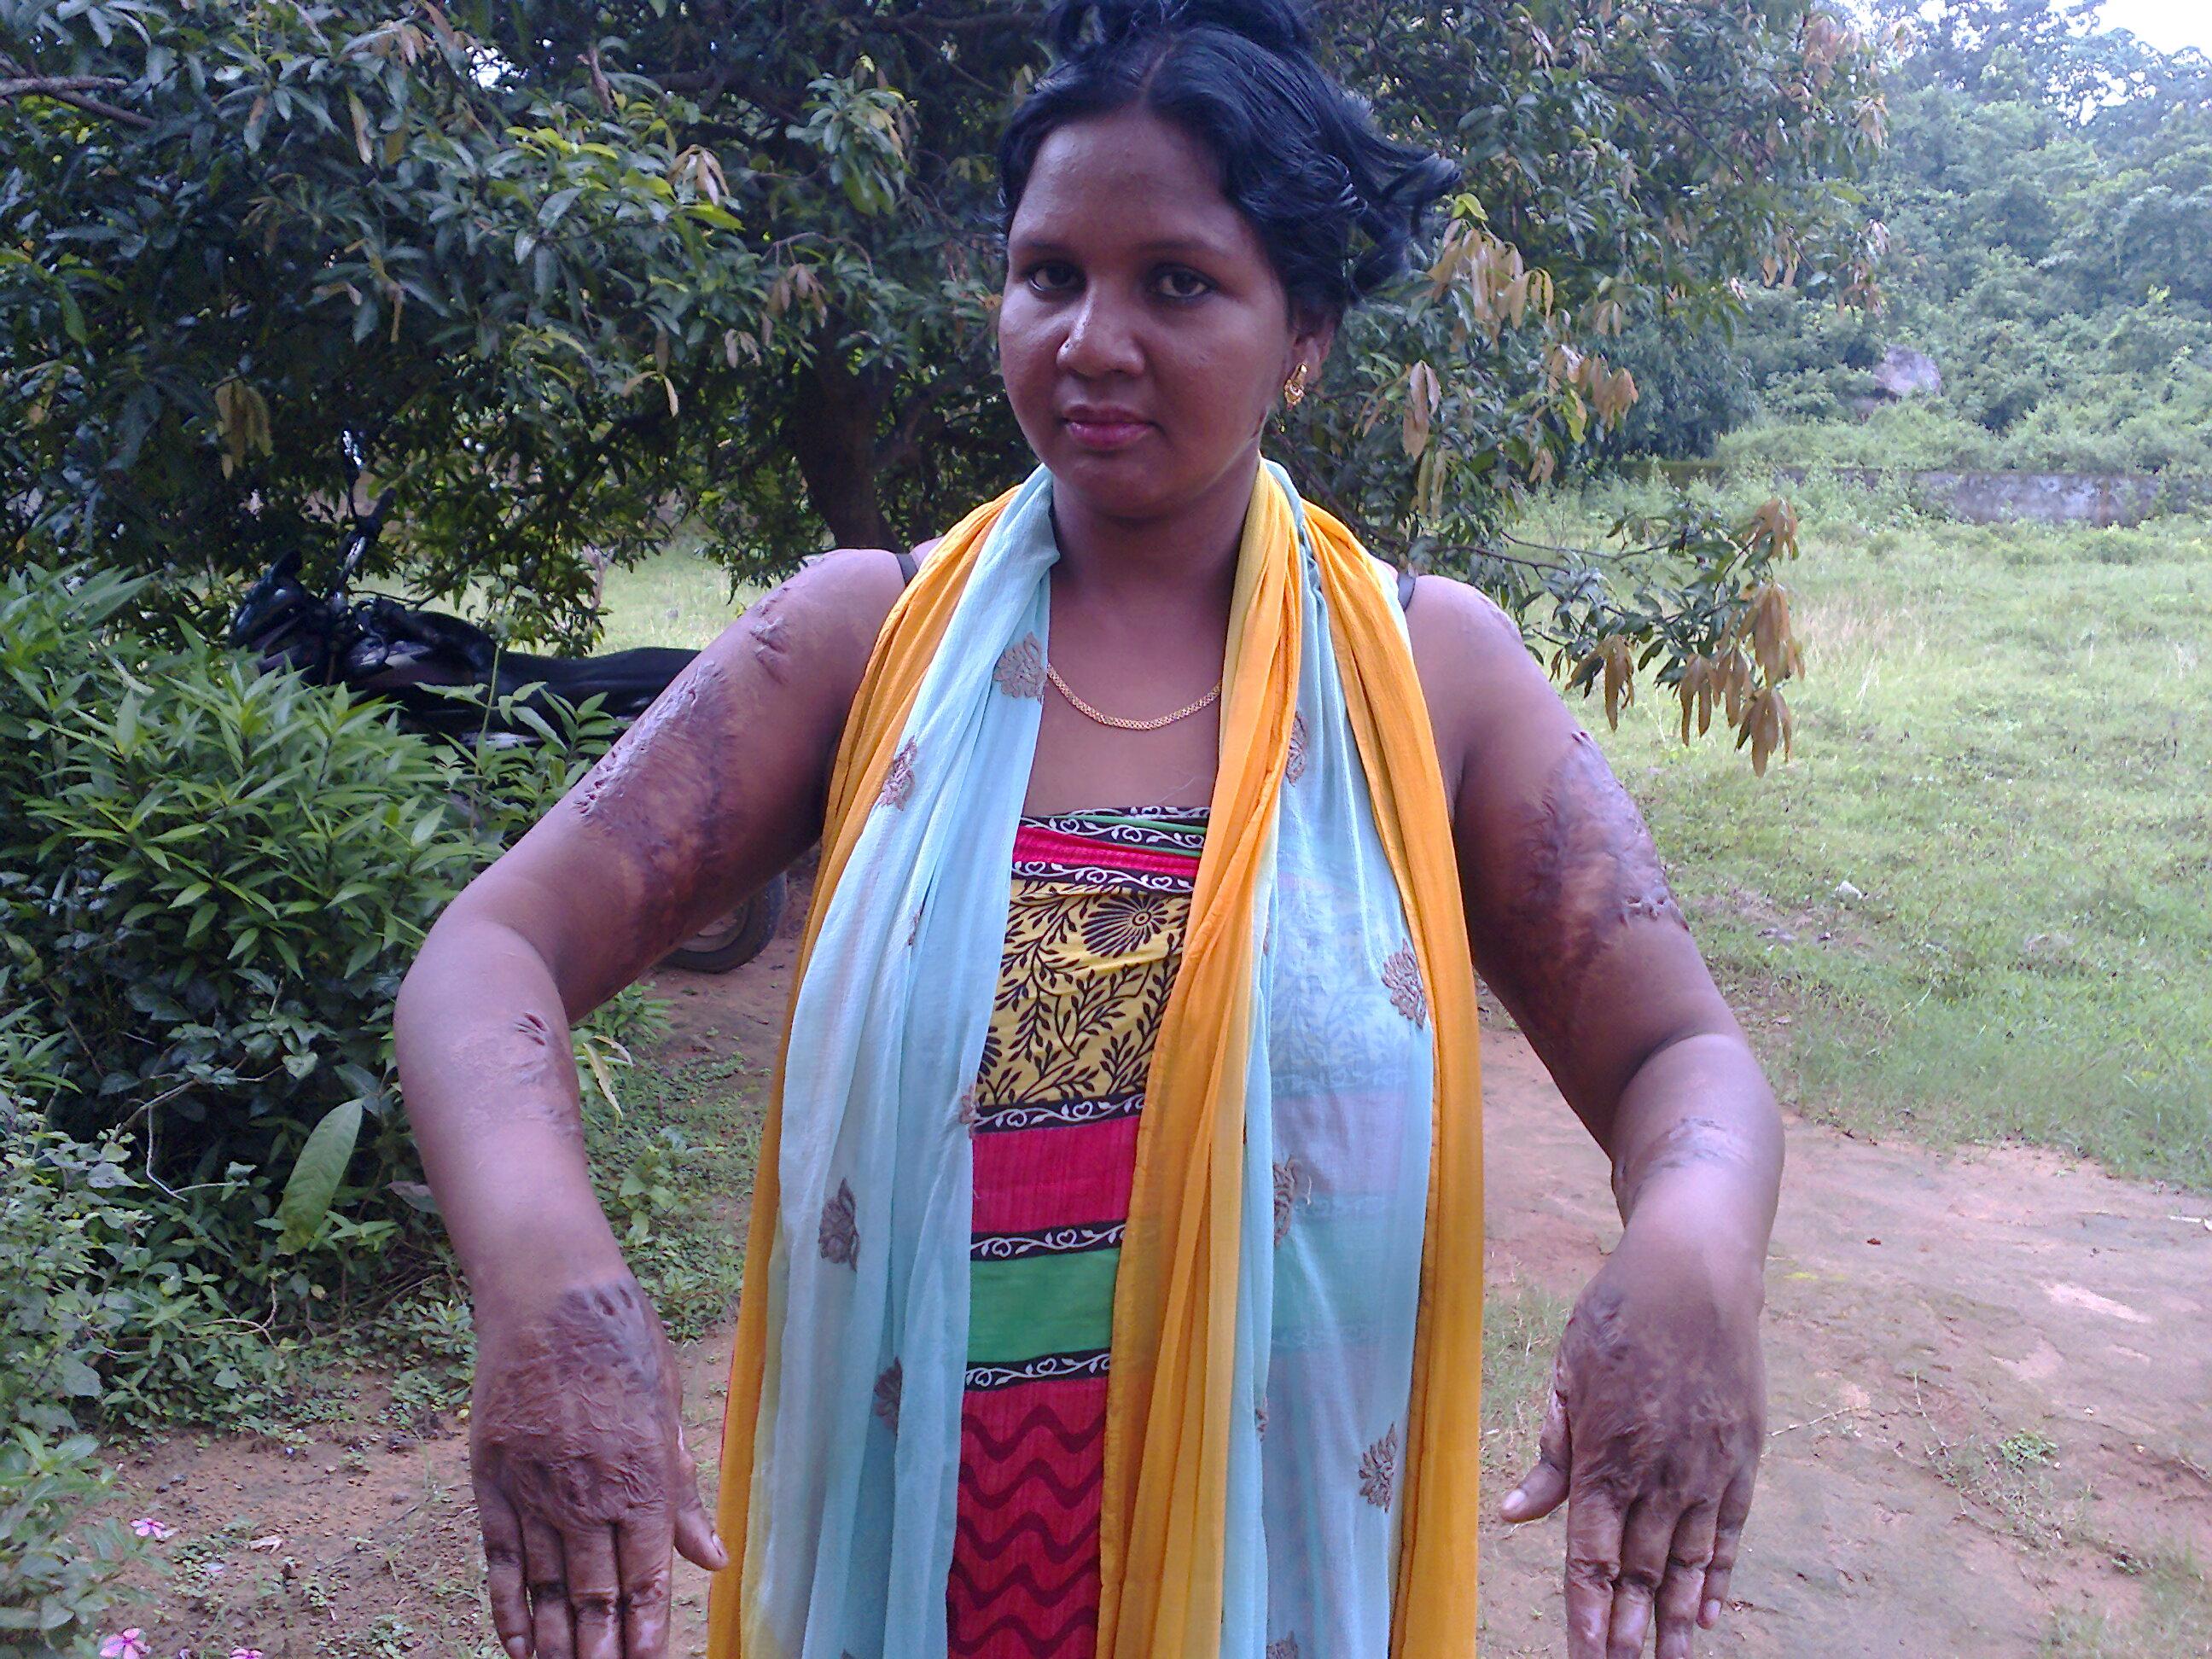 Ayuda a Subhadra. Sufrió un ataque con ácido